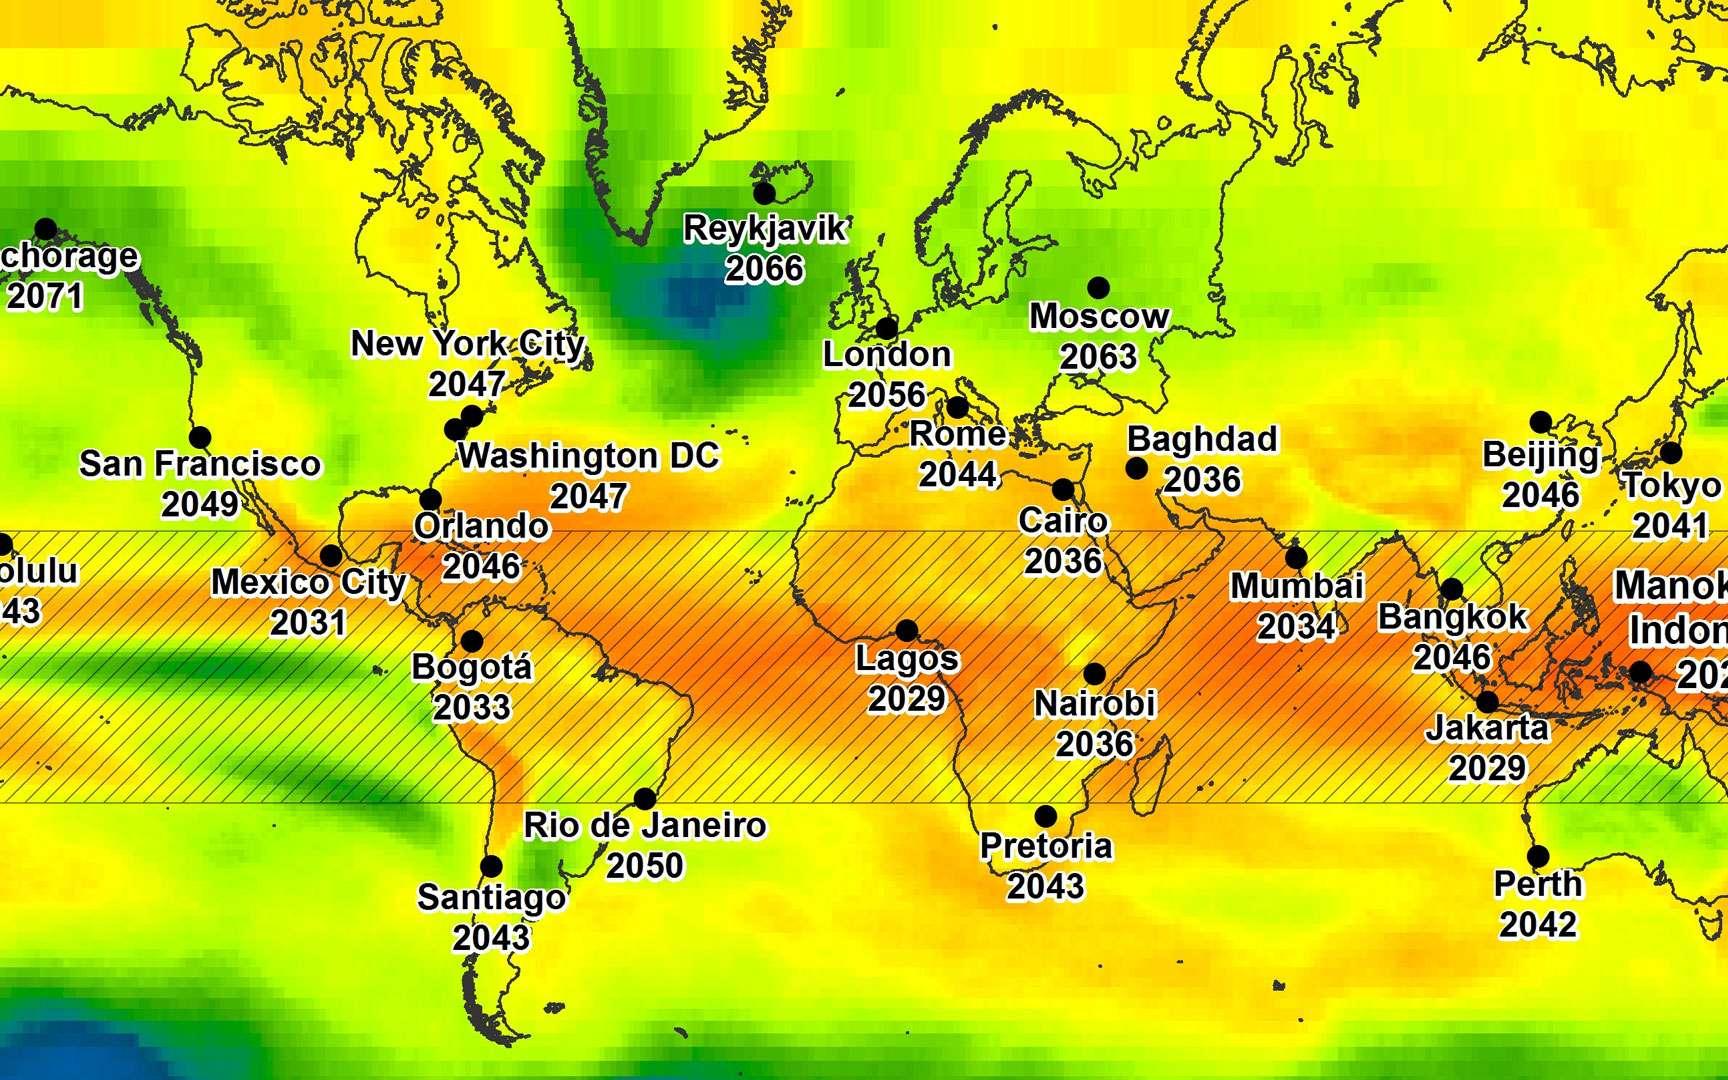 Les prévisions météo de 2050 seraient-elles déjà devenues réalité ?